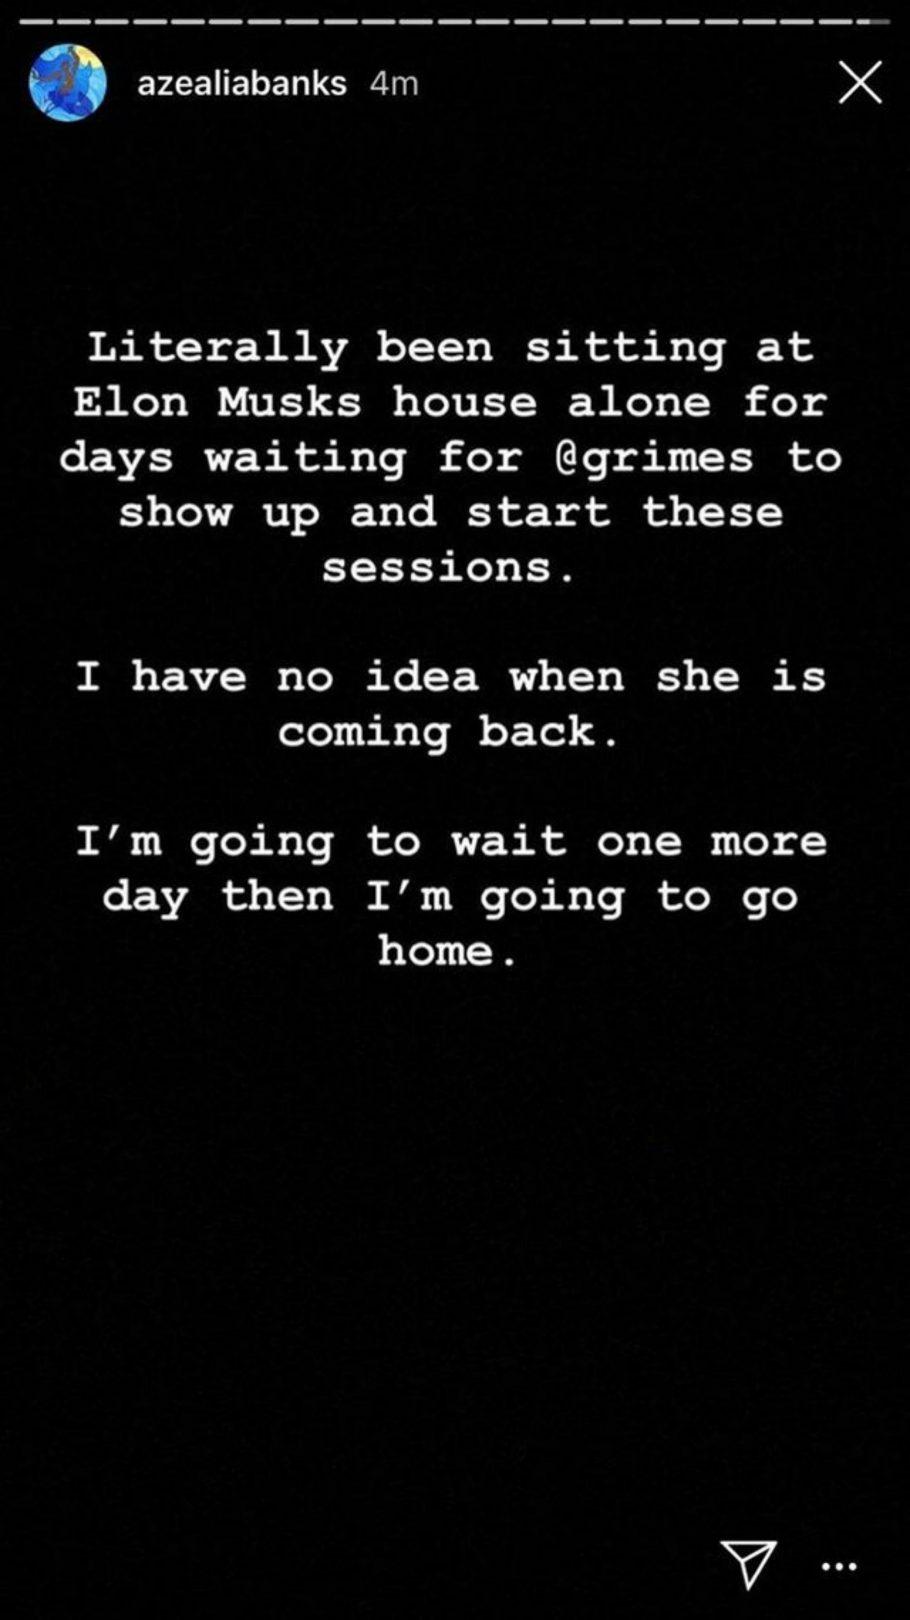 Azealia Banks napok óta Elon Musk házában várakozik a milliárdos csajára, Grimesra 1